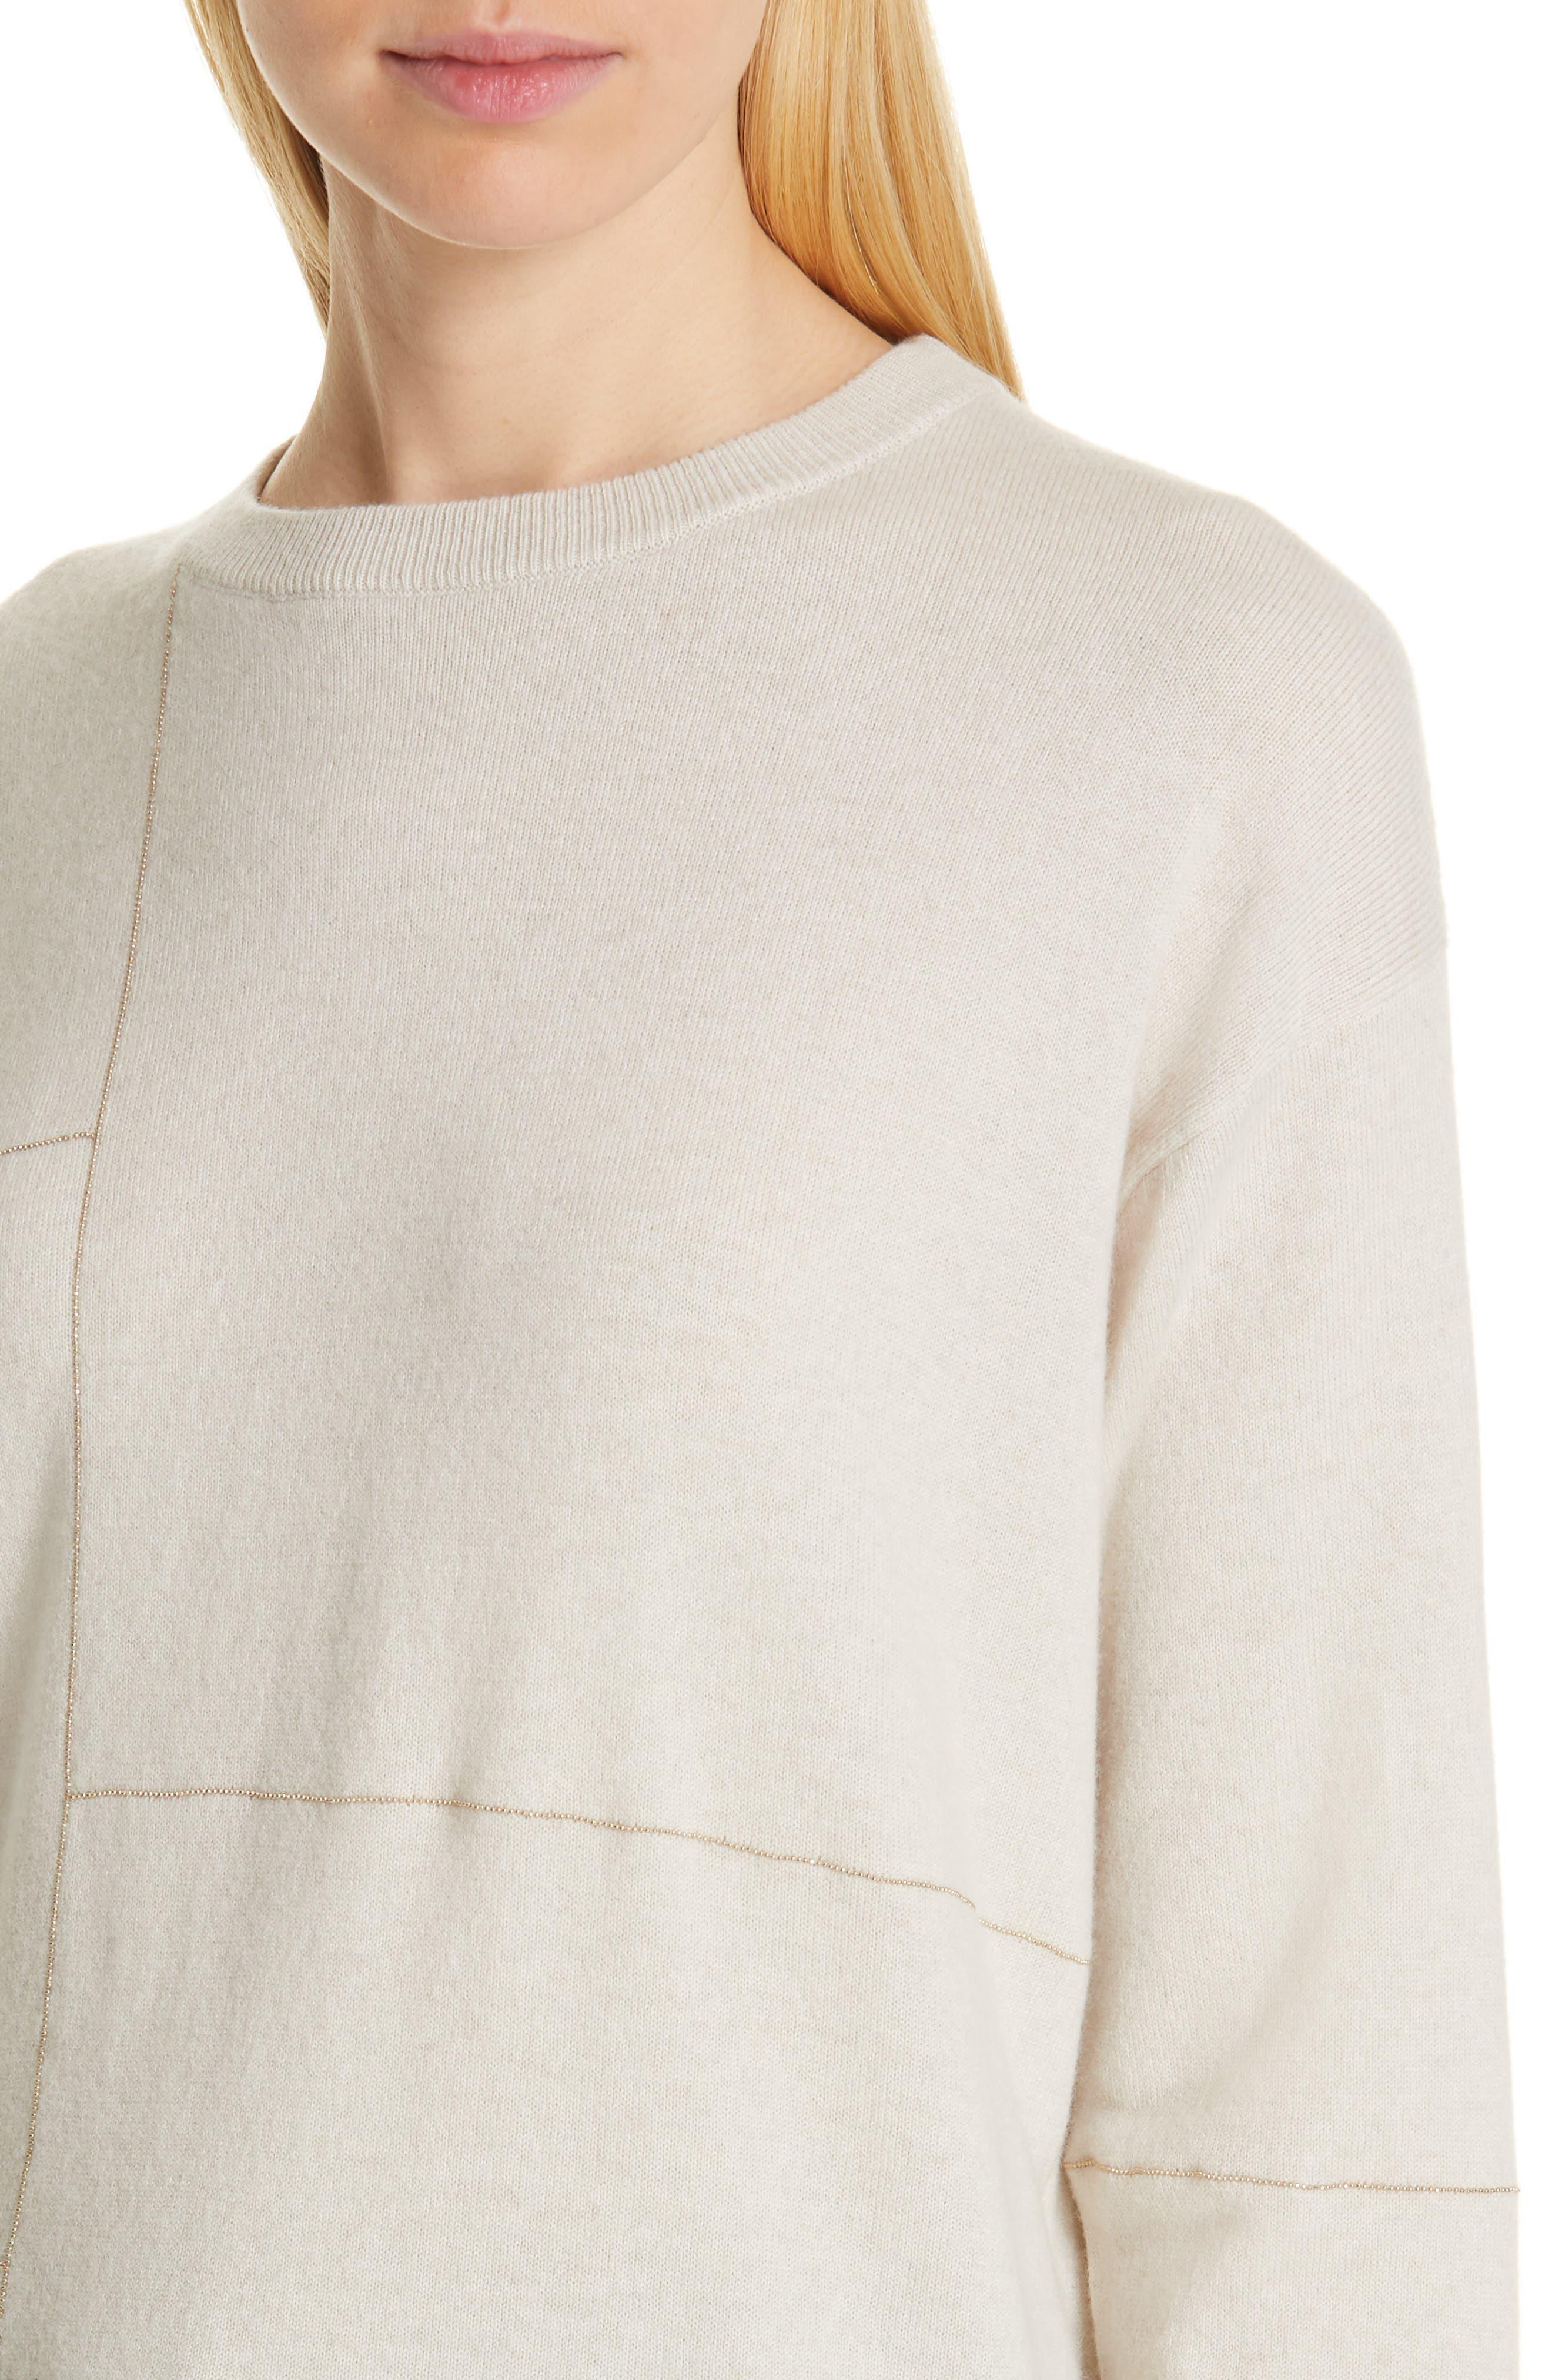 Monili Patchwork Cashmere Sweater,                             Alternate thumbnail 4, color,                             BUTTERMILK